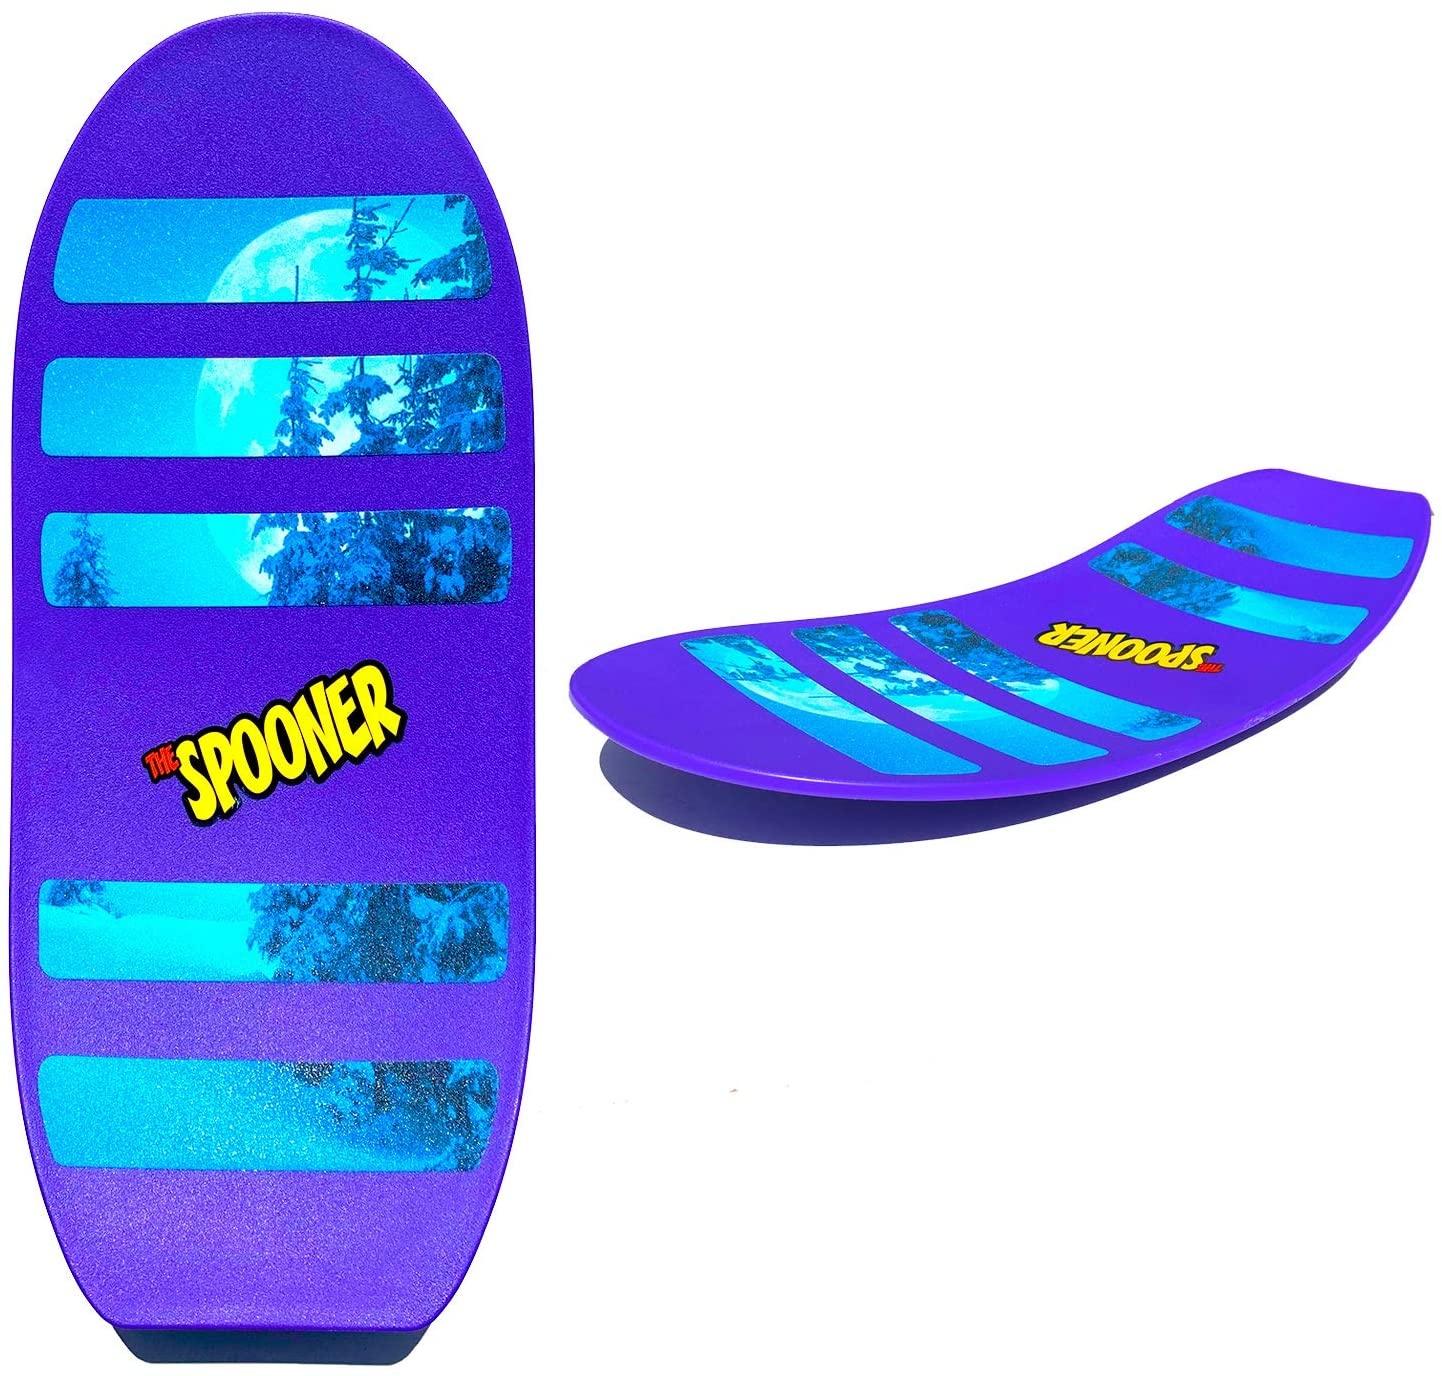 Spooner Pro Board Purple-2